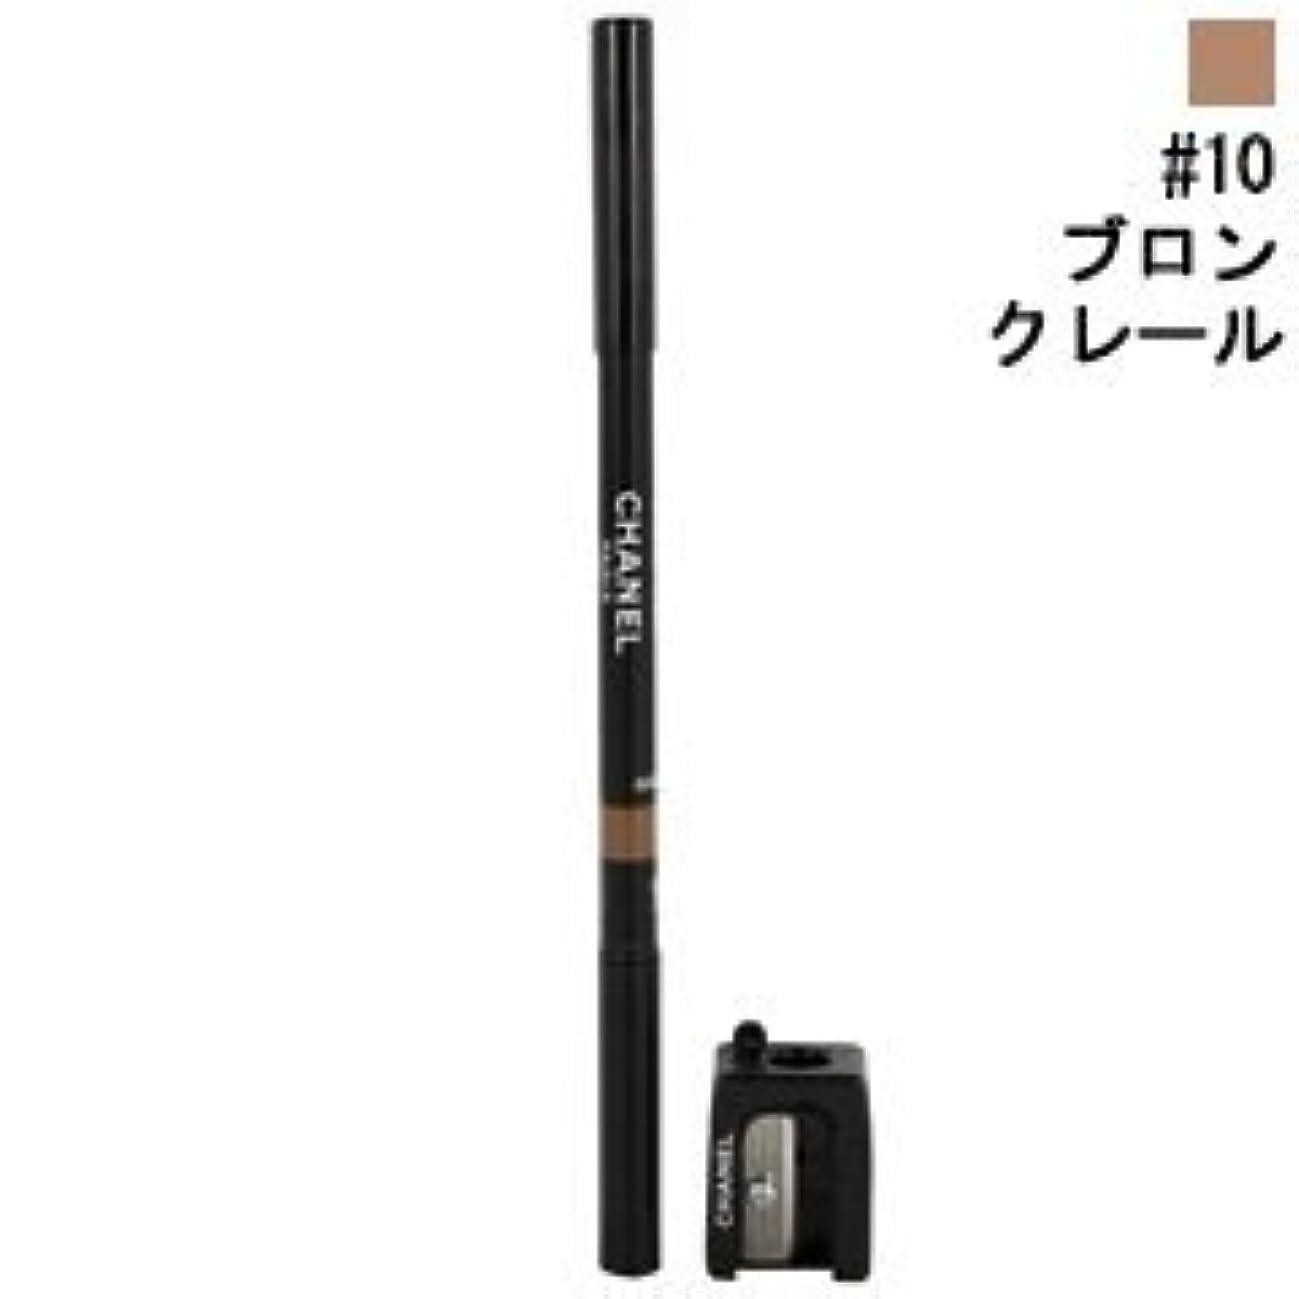 標準大破ヨーロッパ【シャネル】クレイヨン スルスィル #10 ブロン クレール 1g (並行輸入品)